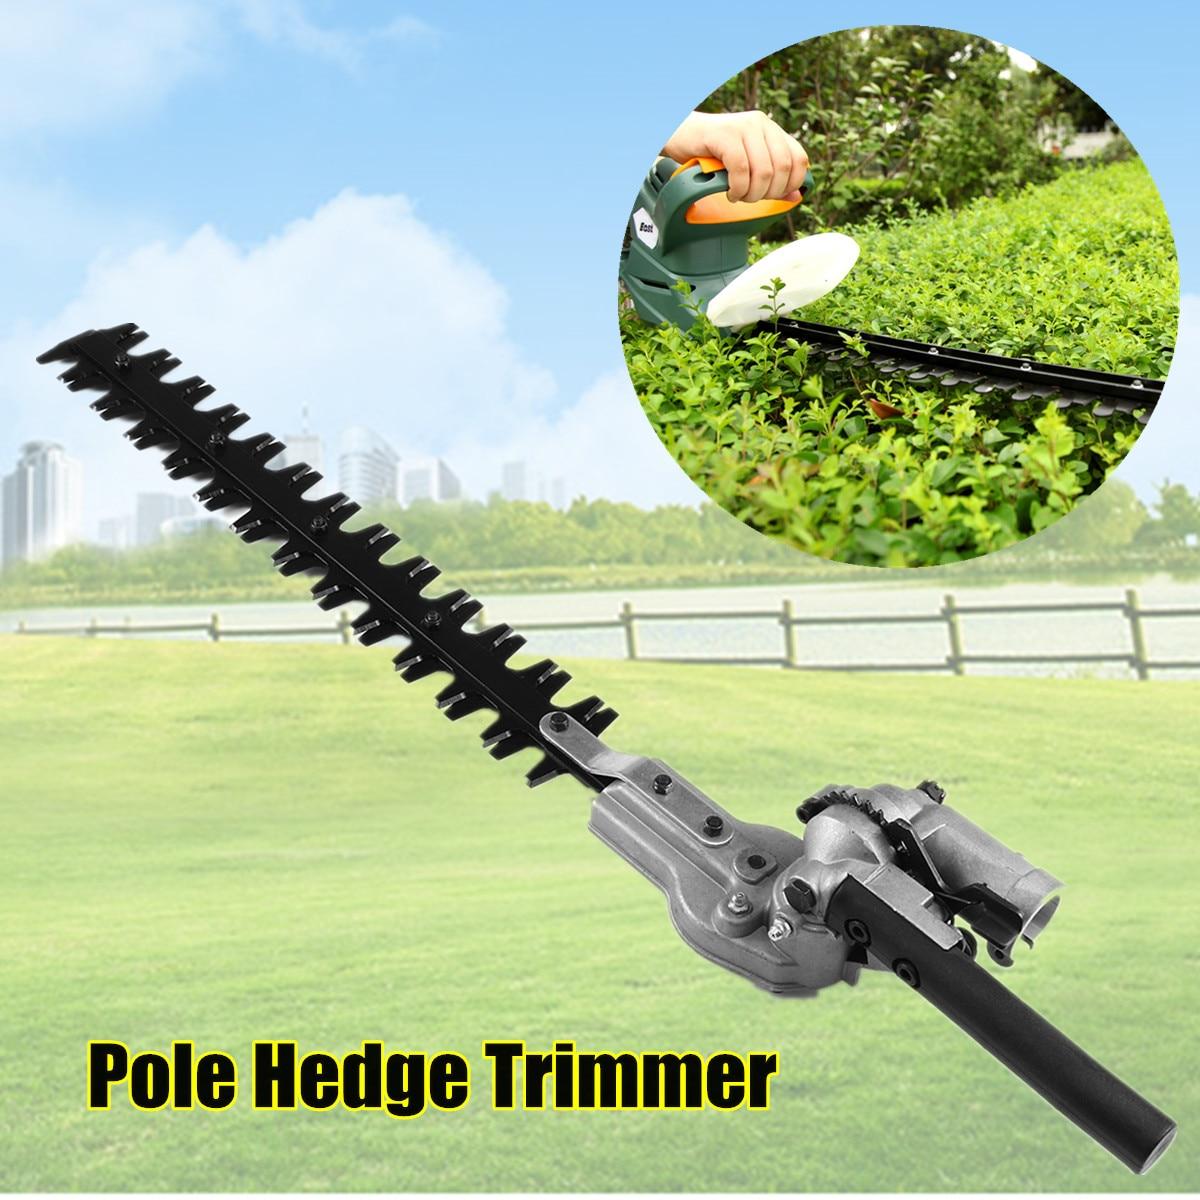 7/9 dentes pólo hedge trimmer bush cabeça cortador de grama aparadores para jardim multi ferramenta pólo motosserra ferramentas de energia do jardim